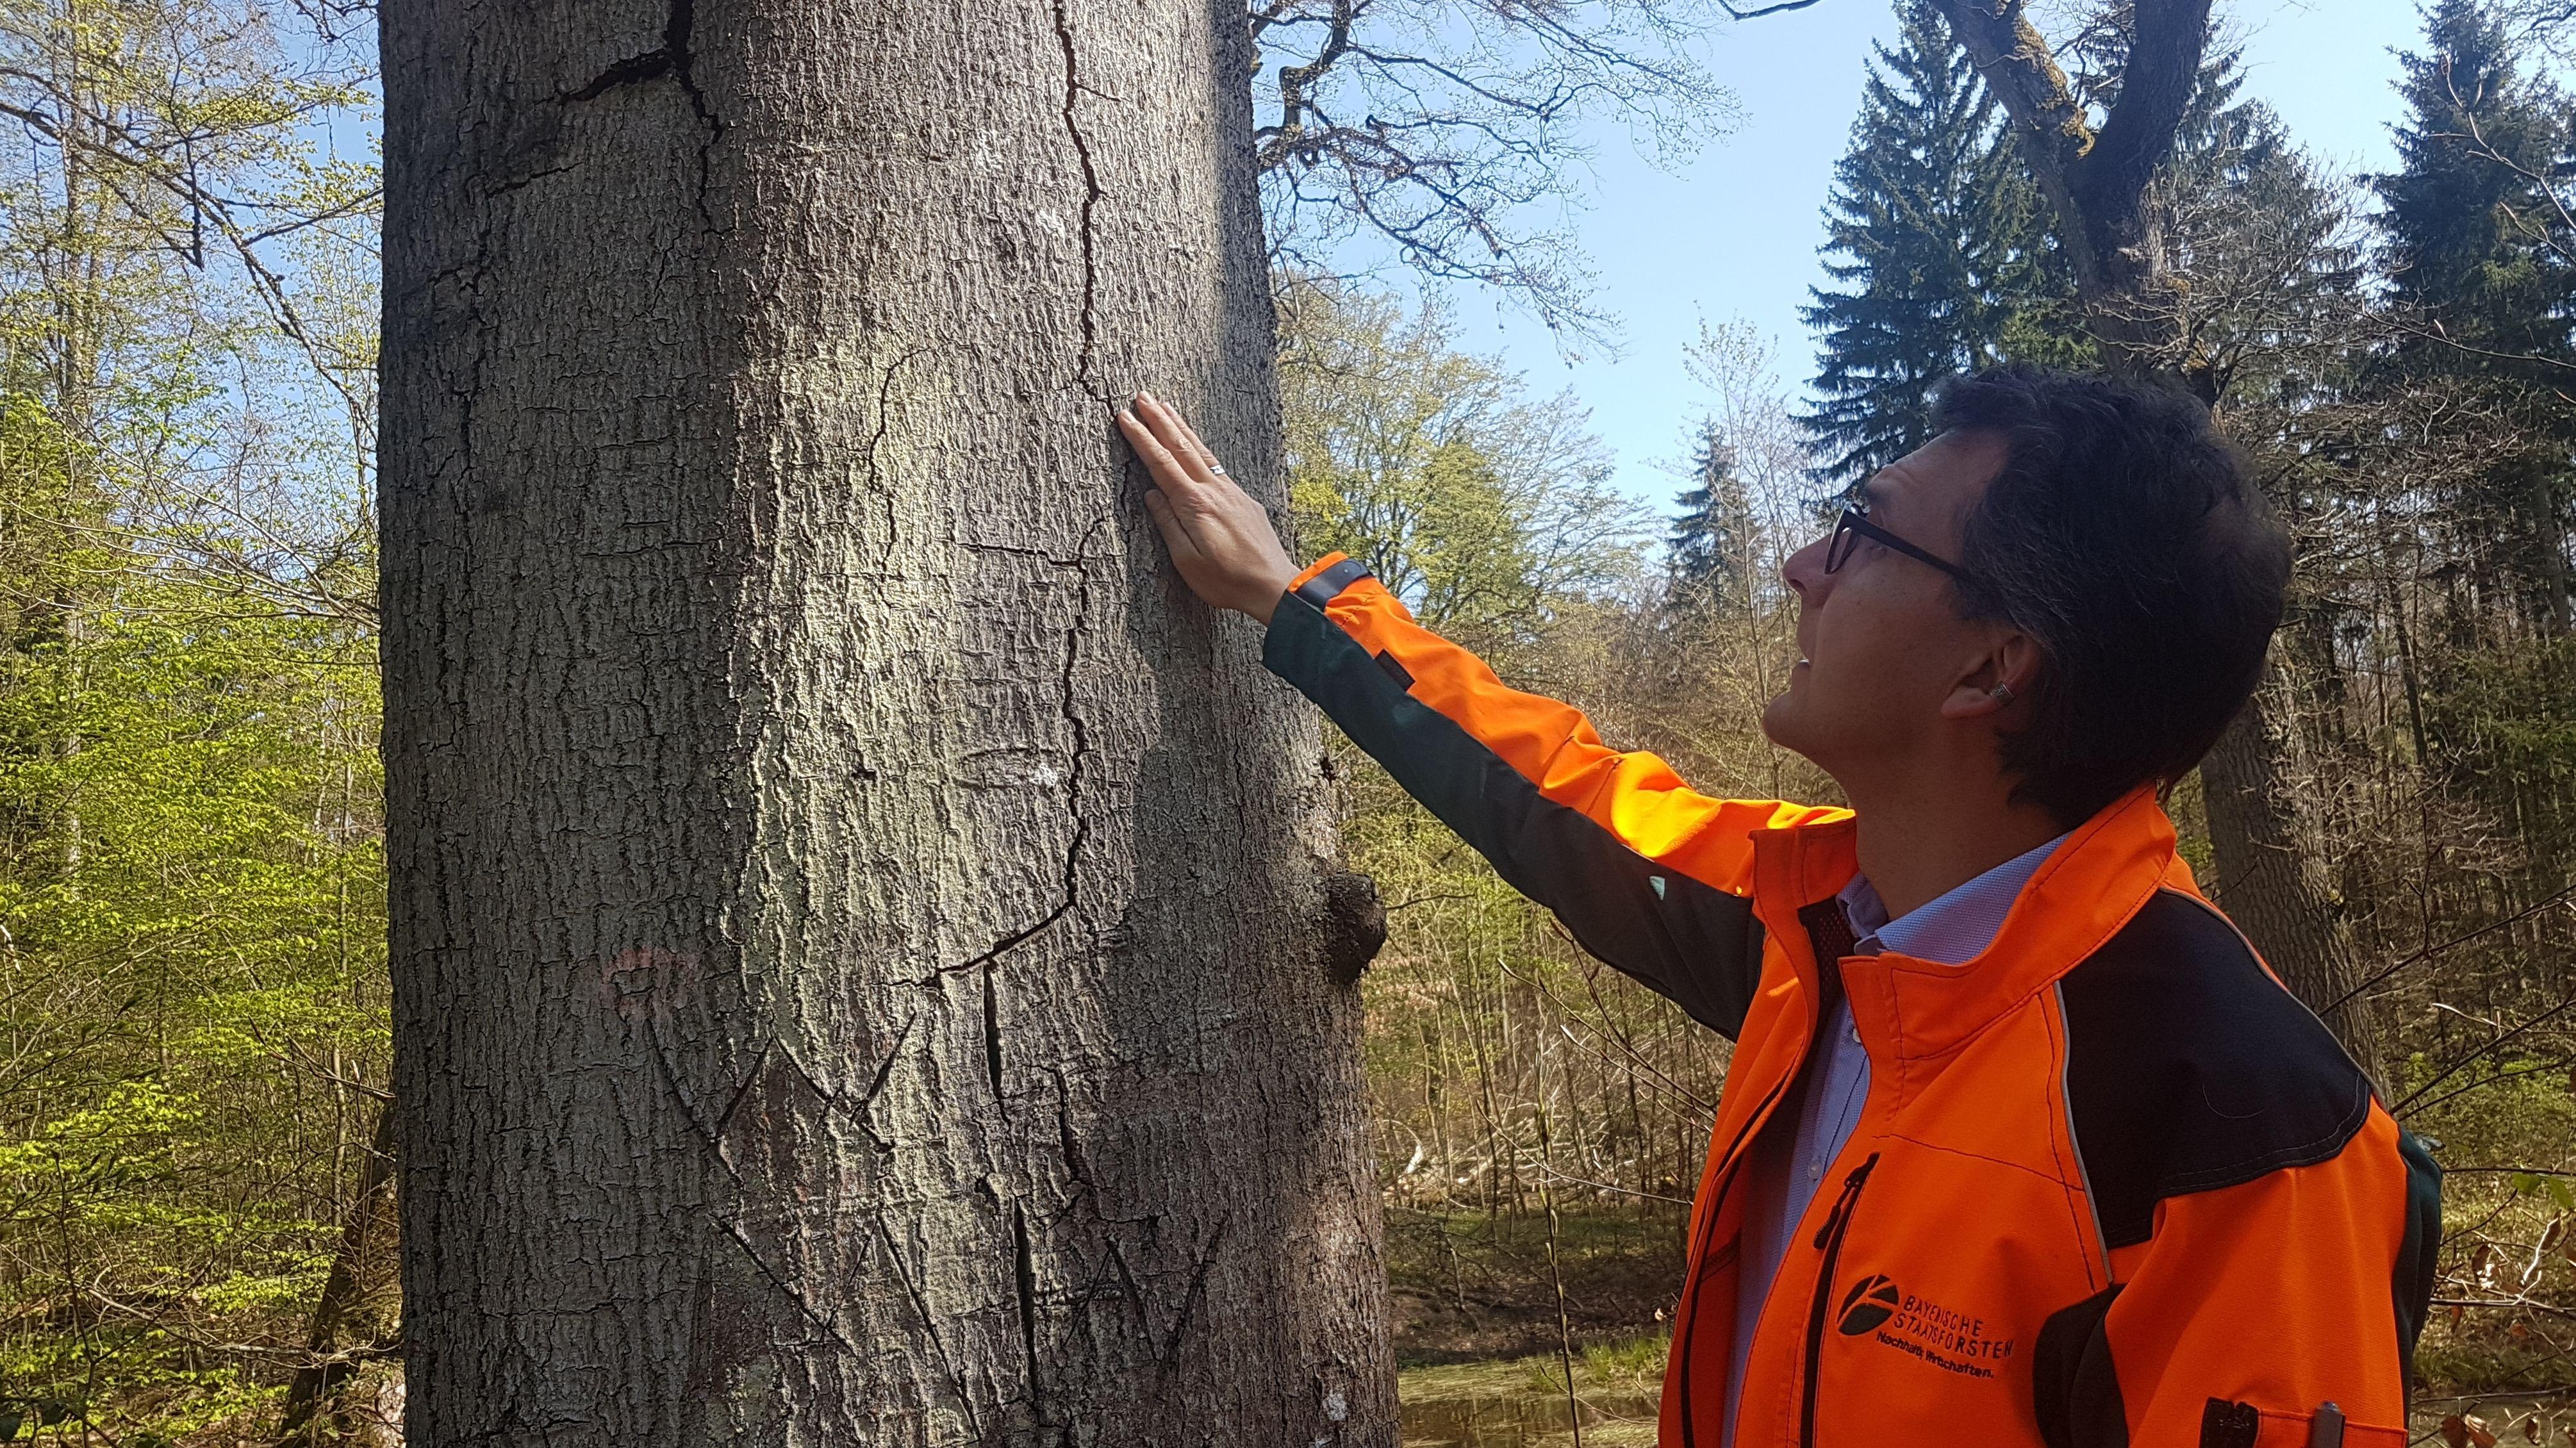 Förster Christian Riegert zeigt Risse an einem Baum.